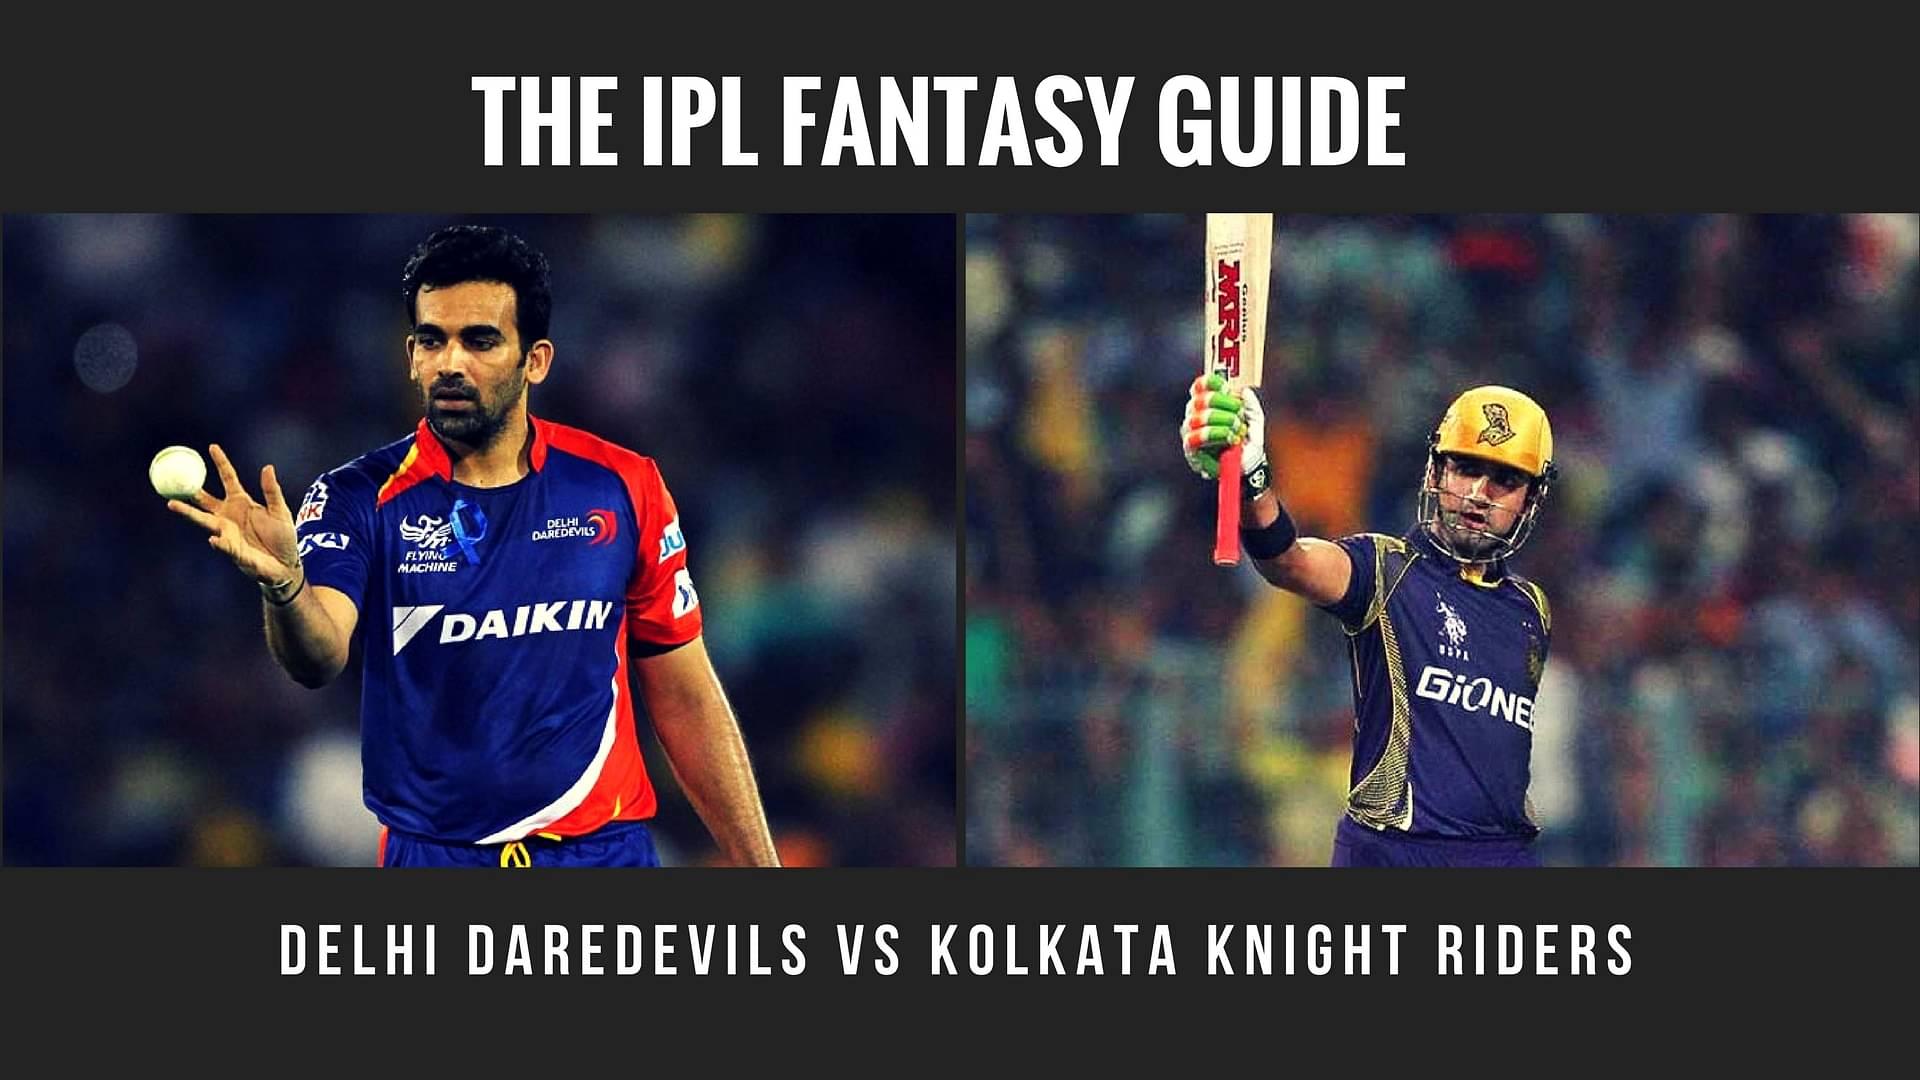 Fantasy Tips for Delhi Daredevils vs Kolkata Knight Riders